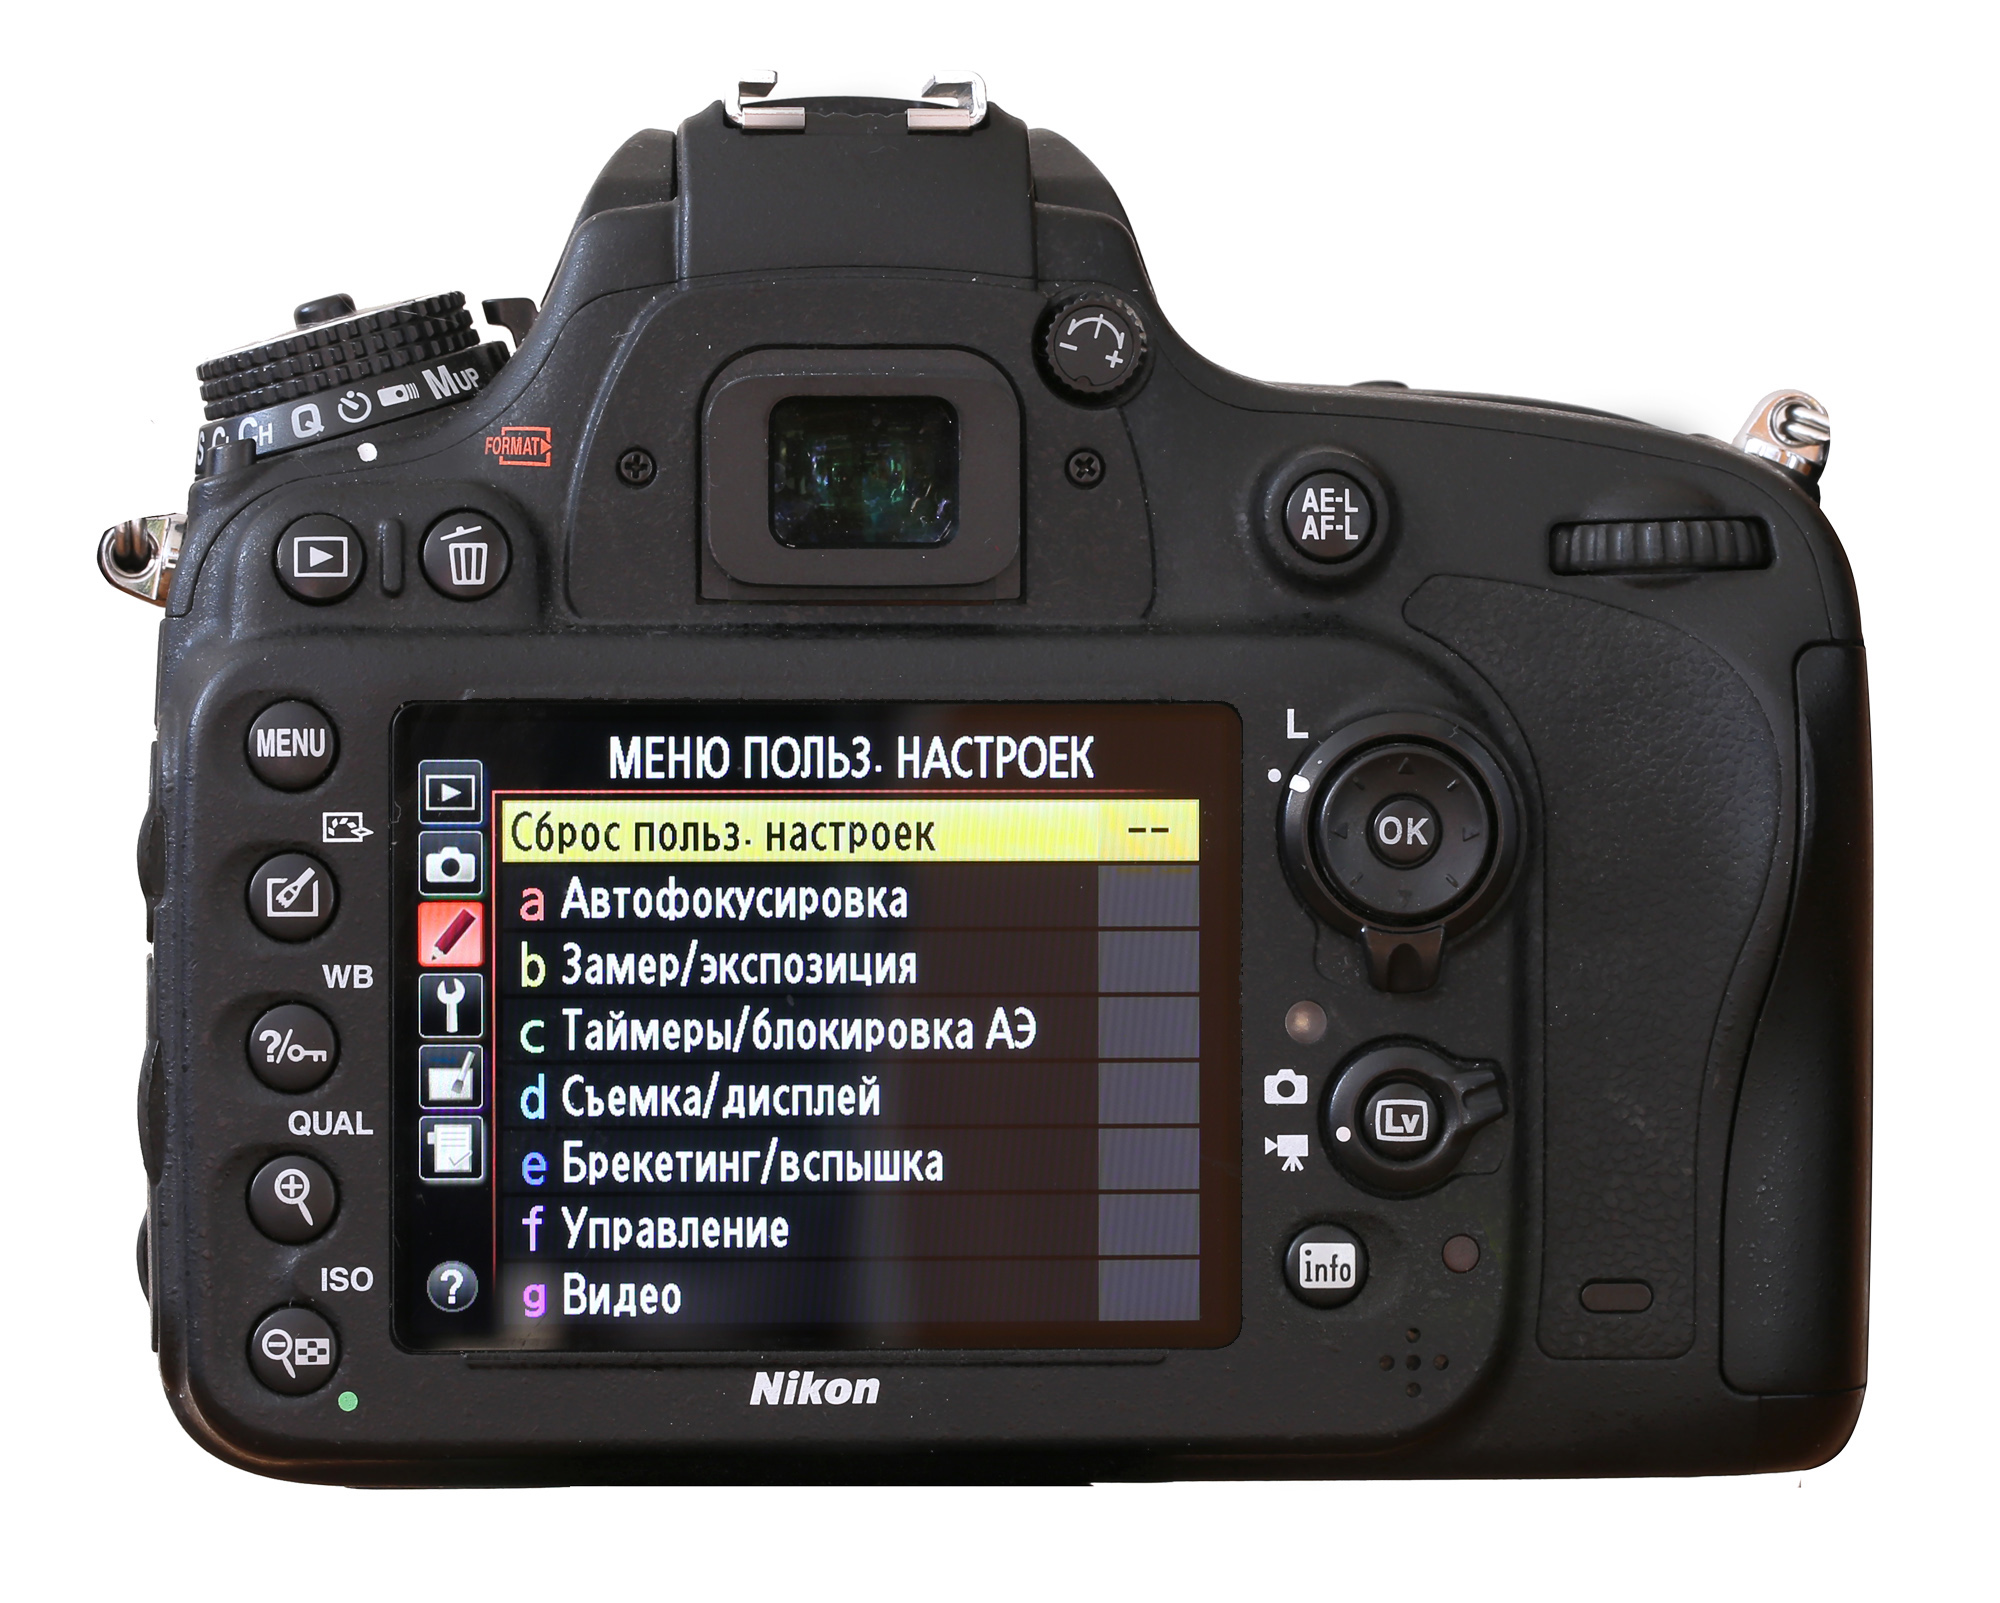 Фотоаппараты кодак каталог с ценами фото википедии есть